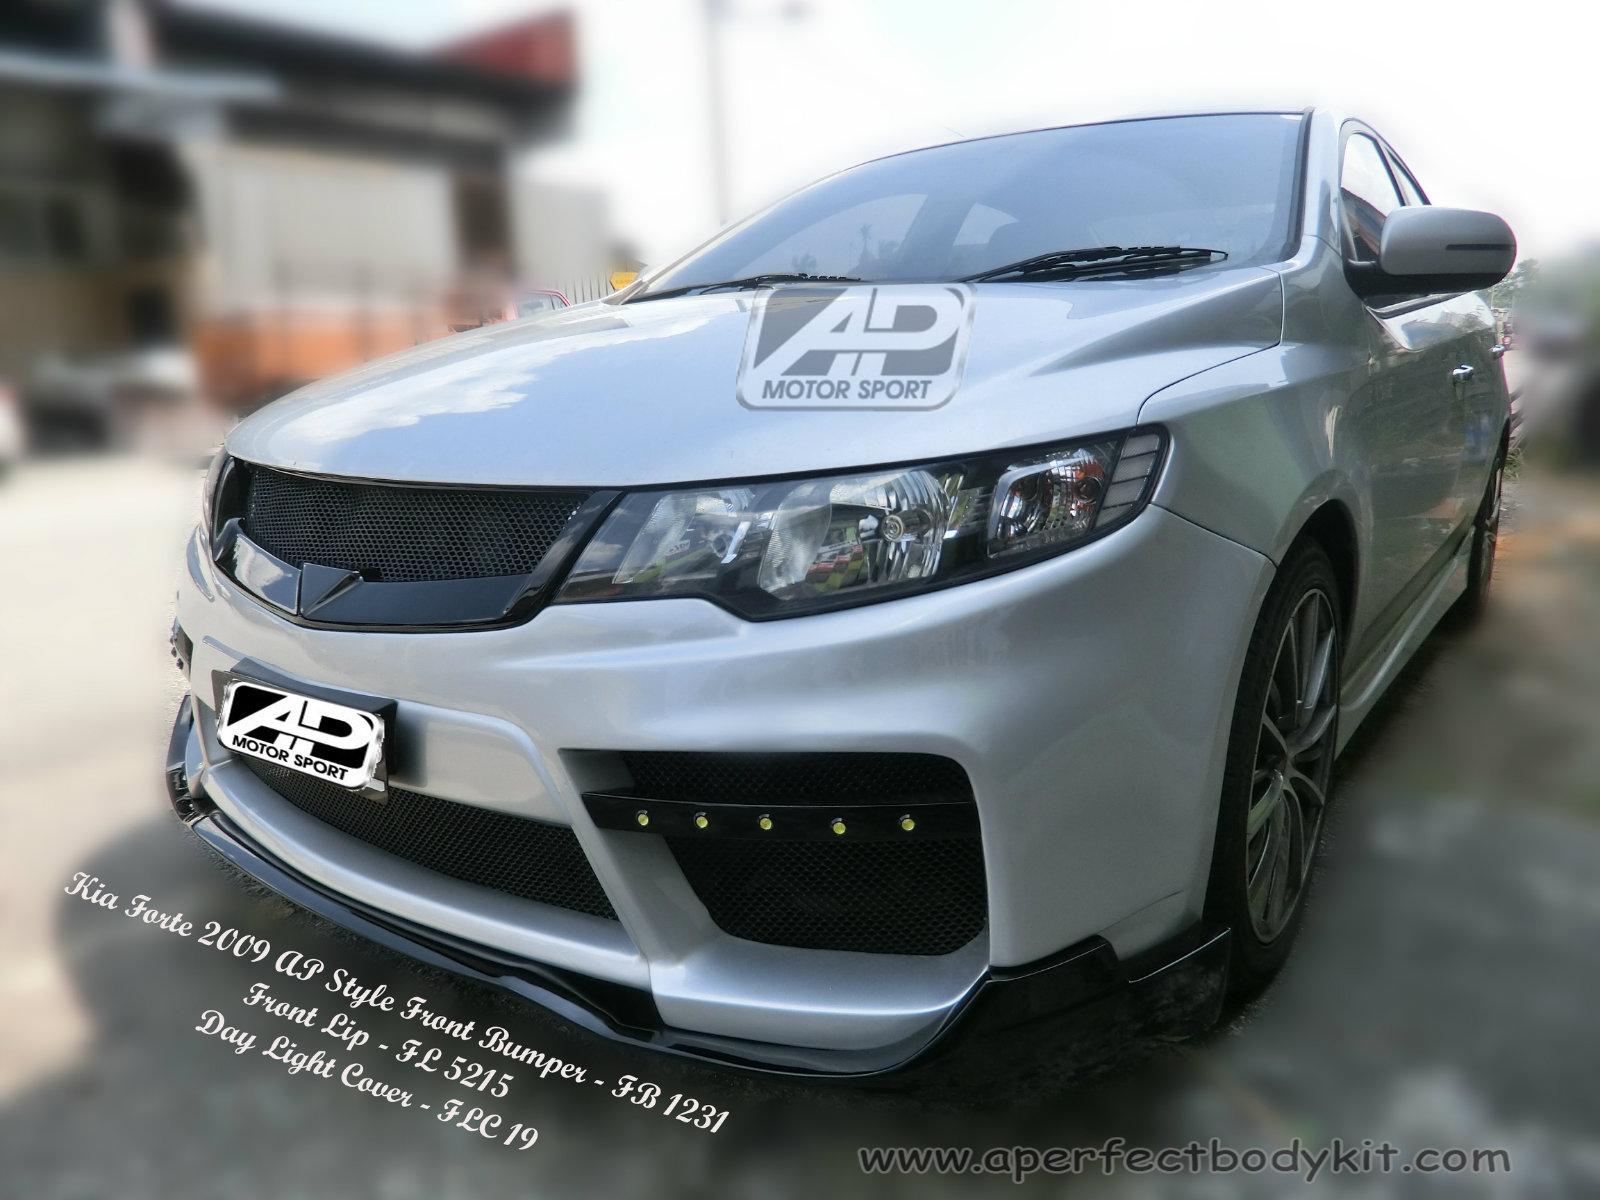 2012 Kia Forte Koup >> Kia Forte 2009 AP Style Front Bumper Kia Forte Johor Bahru JB Malaysia Body Kits, A Perfect ...